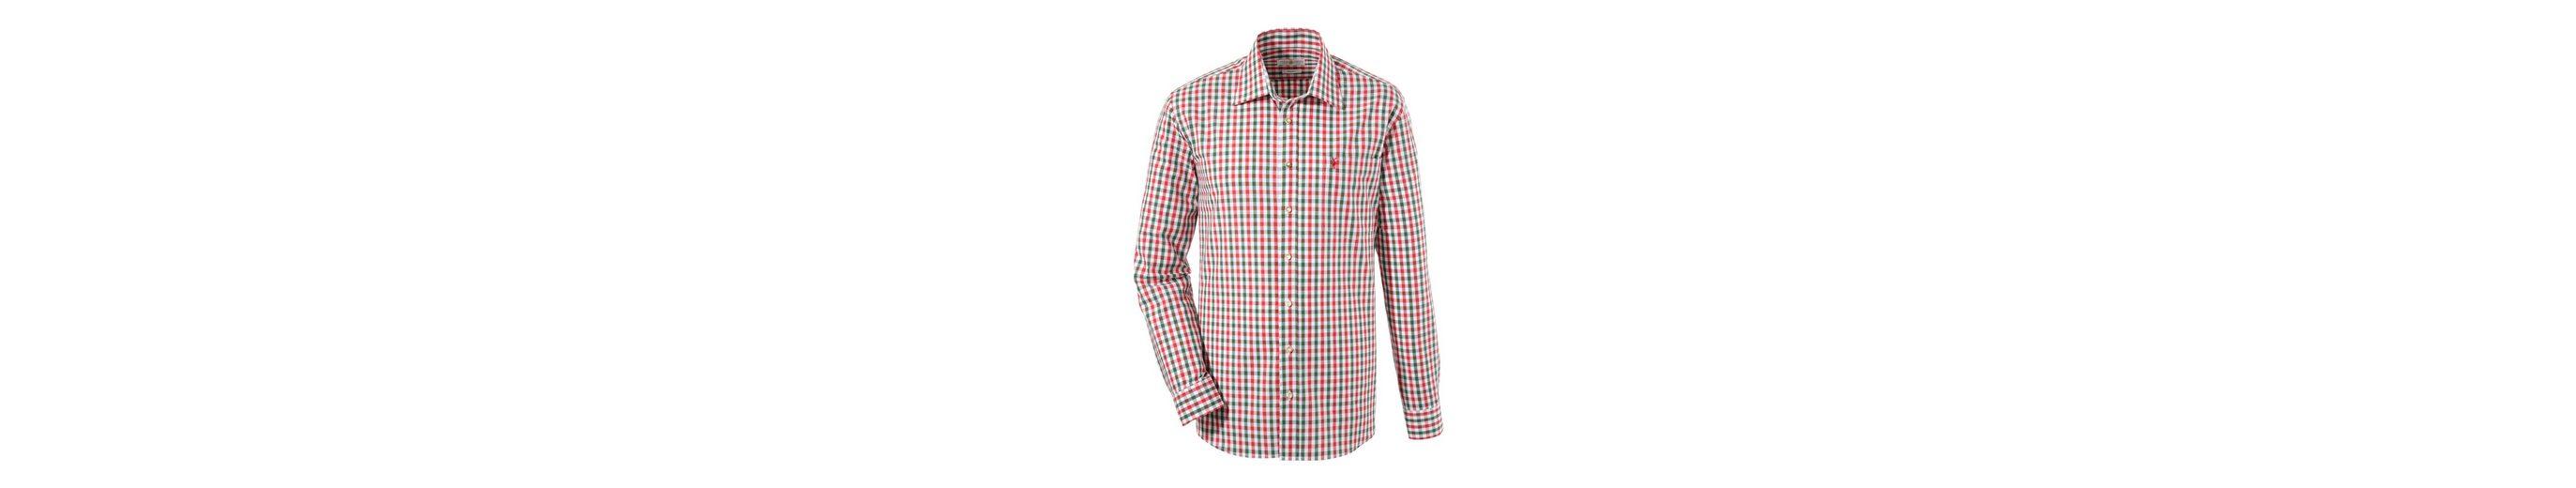 Almsach Trachtenhemd im Karodesign Preiswerten Nagelneuen Unisex ldv70a1